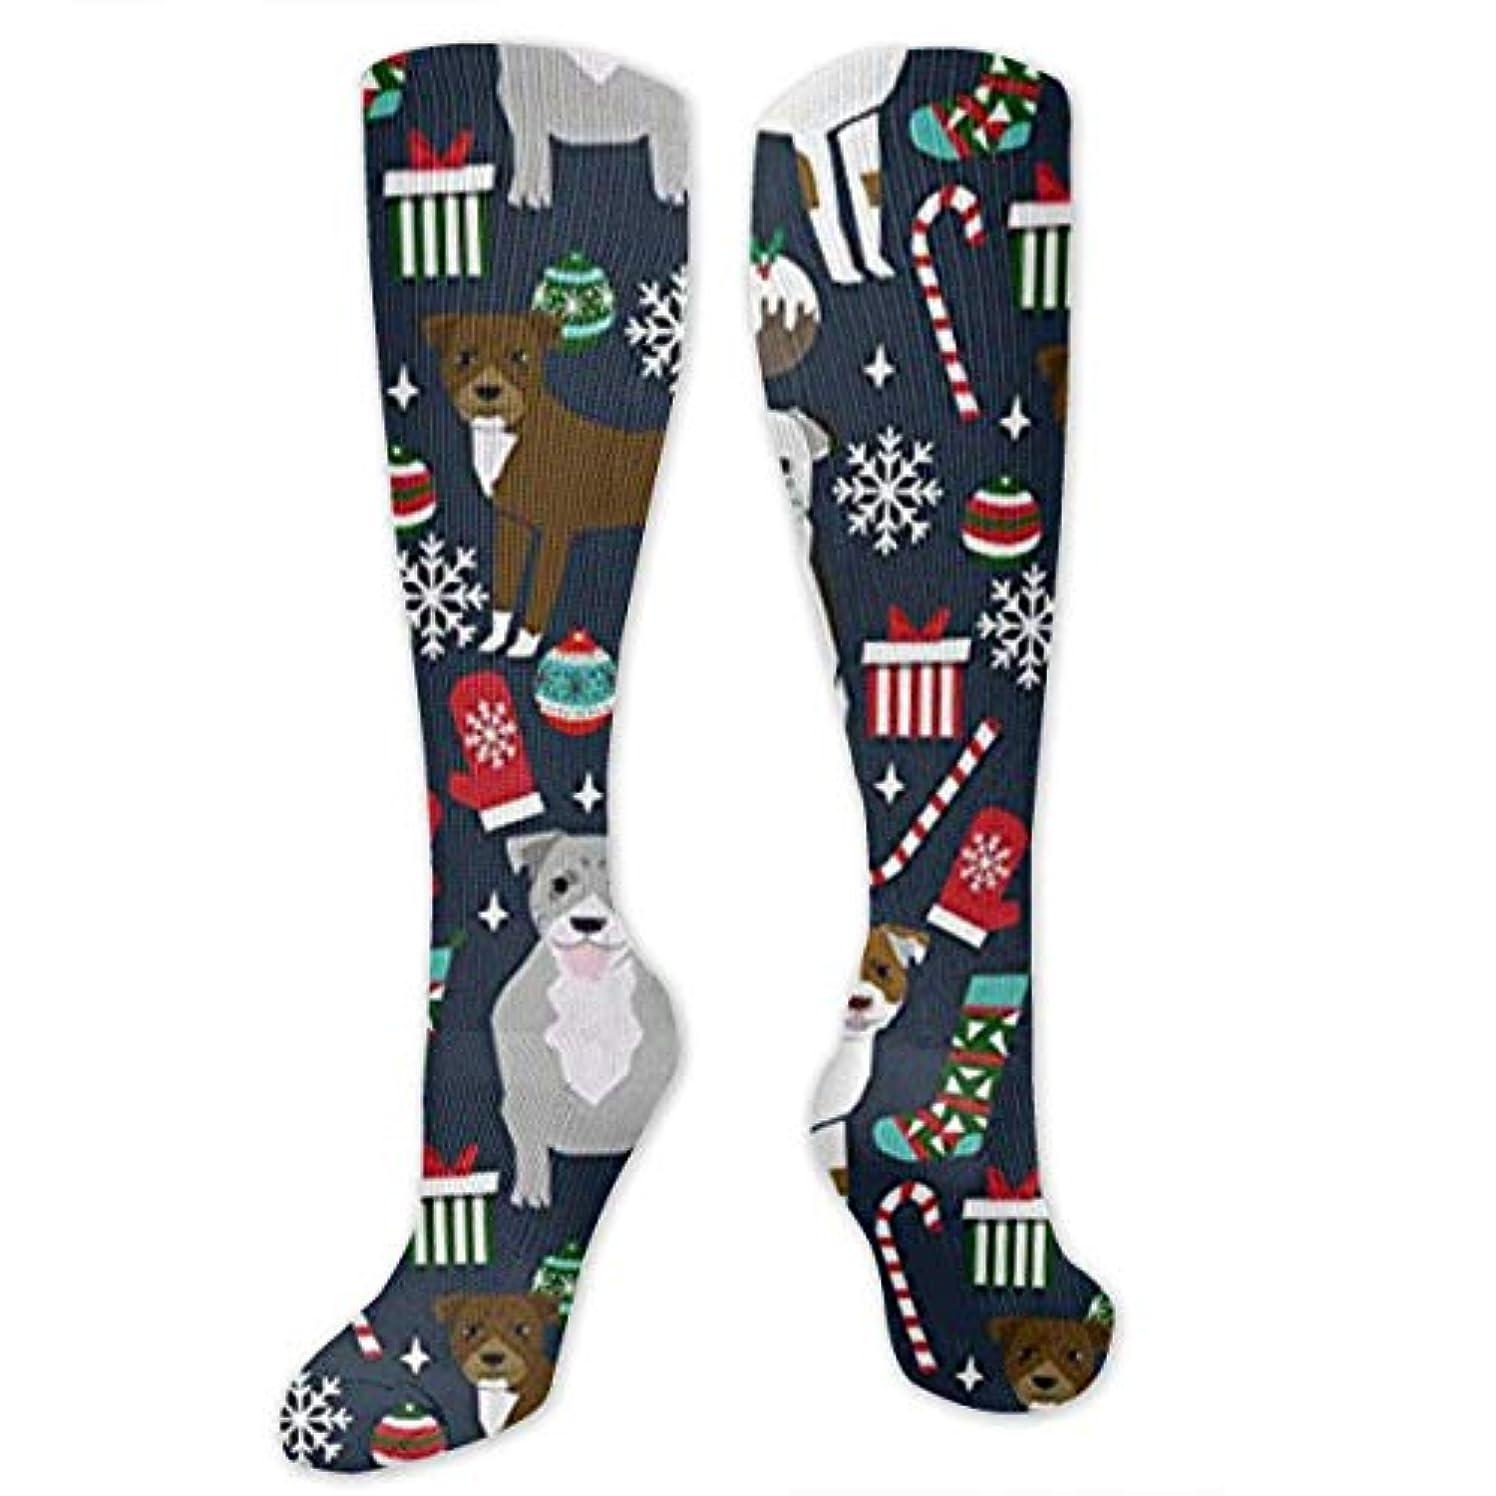 魅力的くしゃくしゃ近所の靴下,ストッキング,野生のジョーカー,実際,秋の本質,冬必須,サマーウェア&RBXAA Pitbull Terrier Xmas Dog Socks Women's Winter Cotton Long Tube Socks...